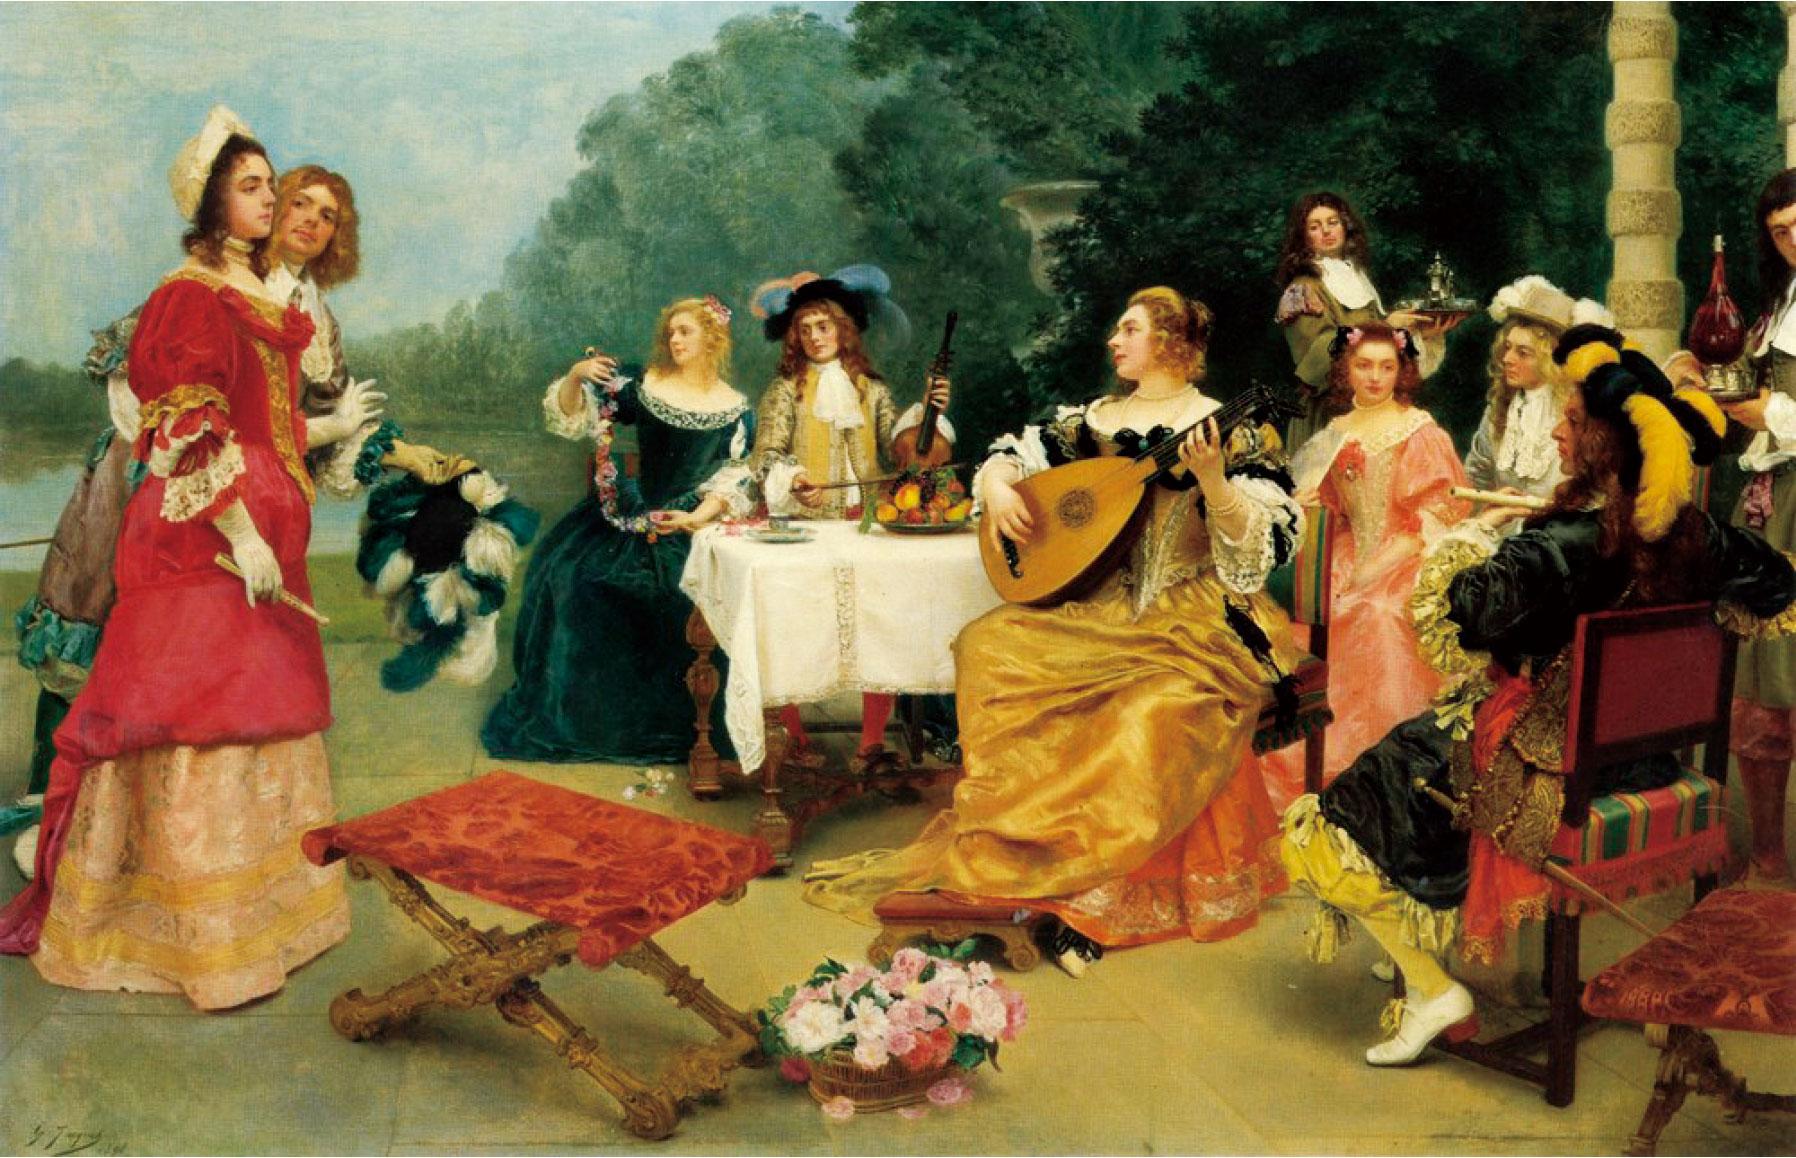 居斯塔夫雅凱,《演奏會》(The Recital),1898年作,布面油畫,99 × 124 cm。